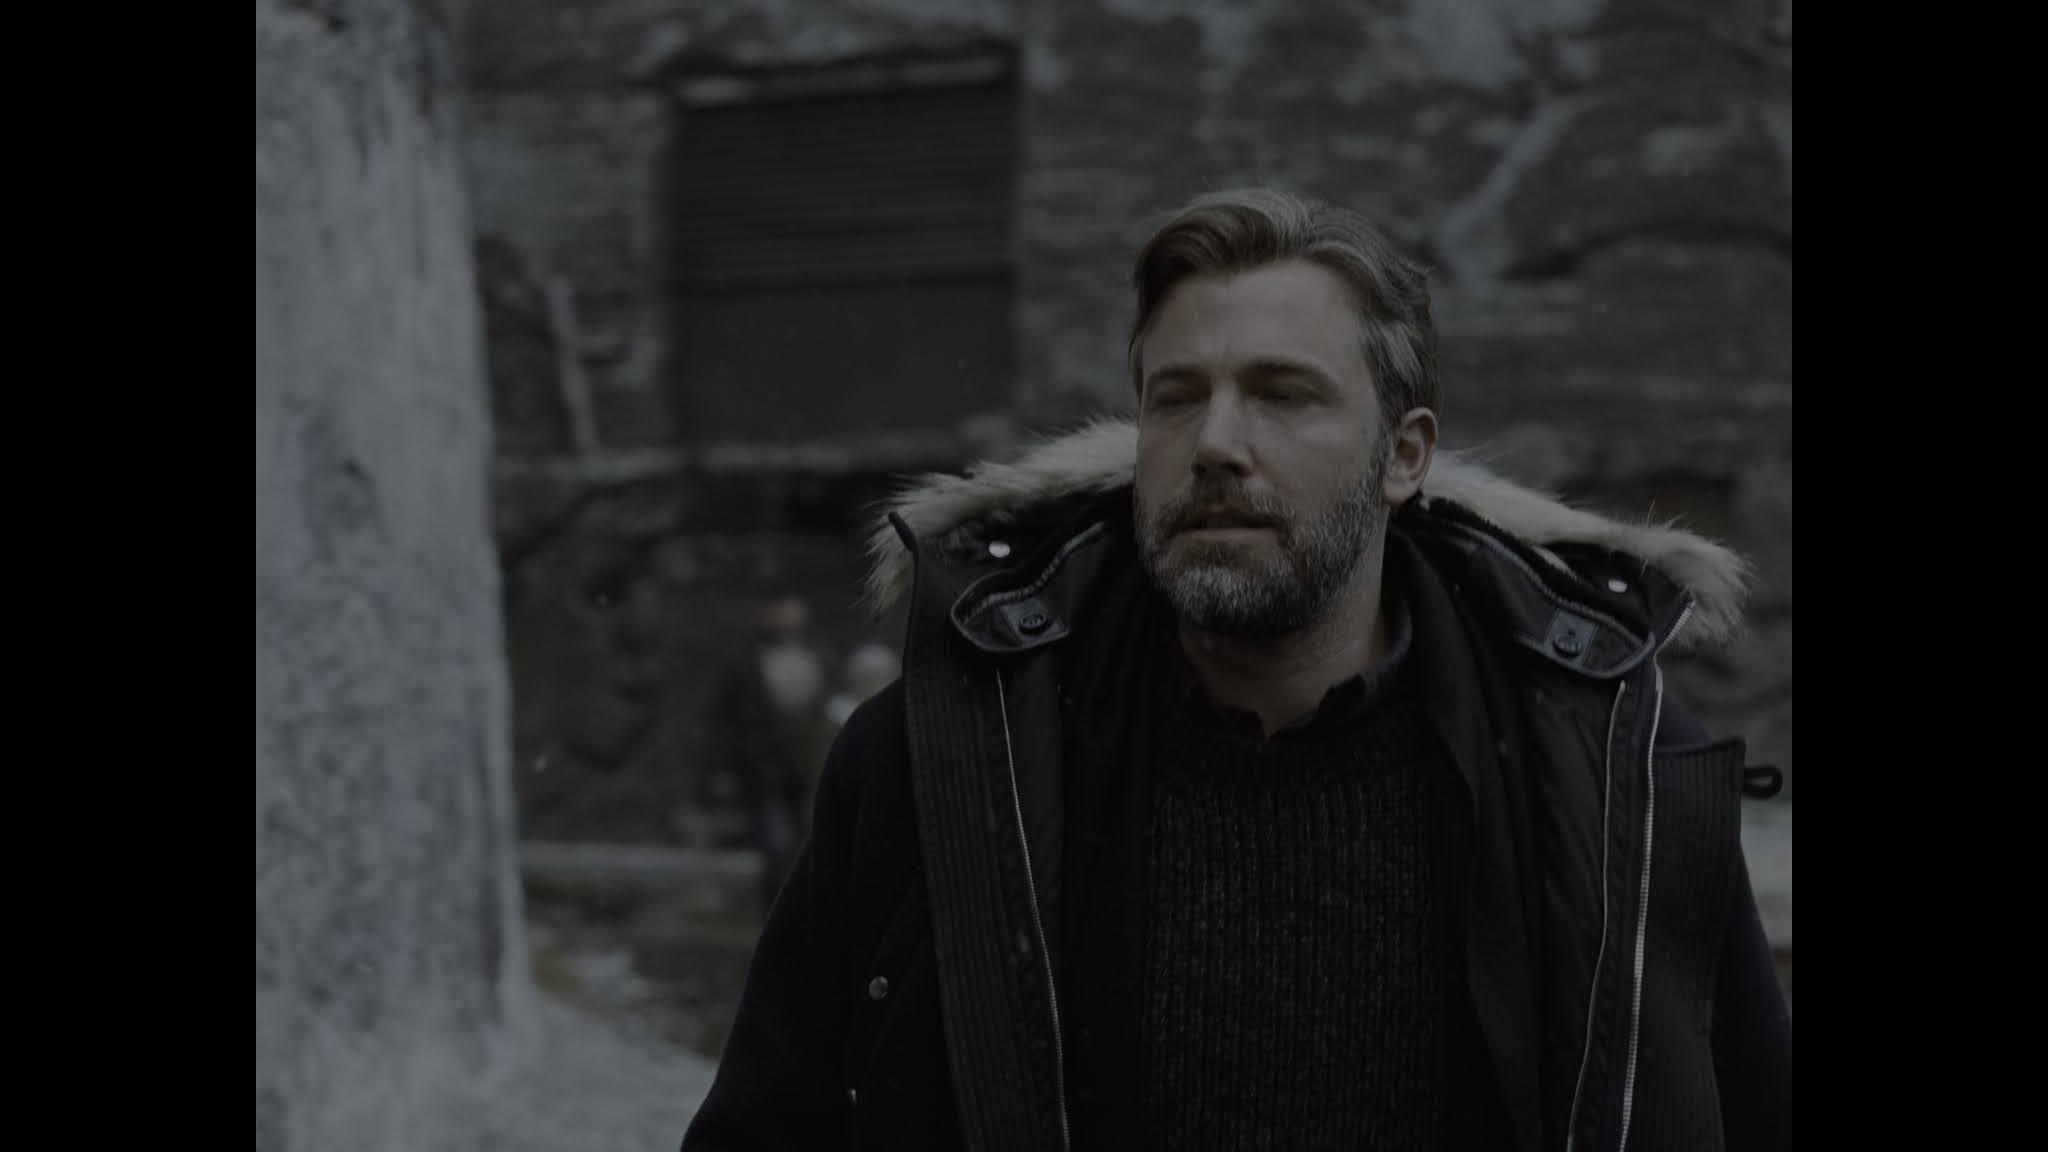 La Liga de la Justicia de Zack Snyder (2021) 4K WEB-DL HDR Latino